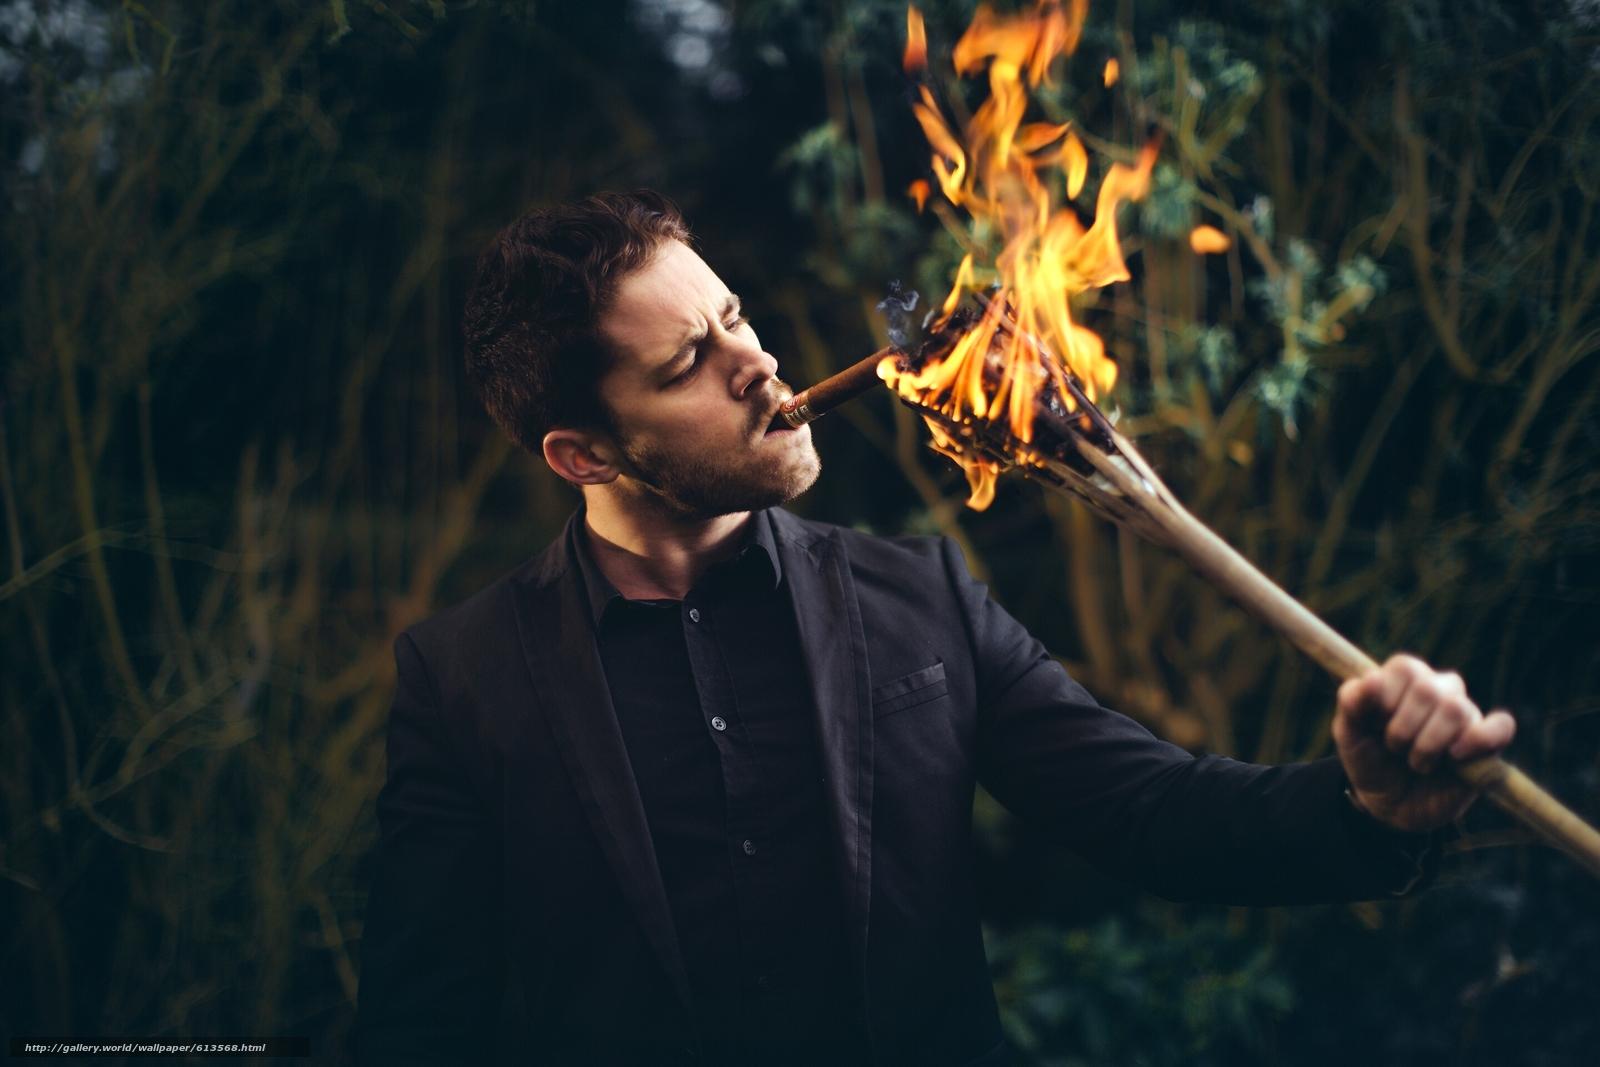 парень, сигара, щетина, факел, огонь